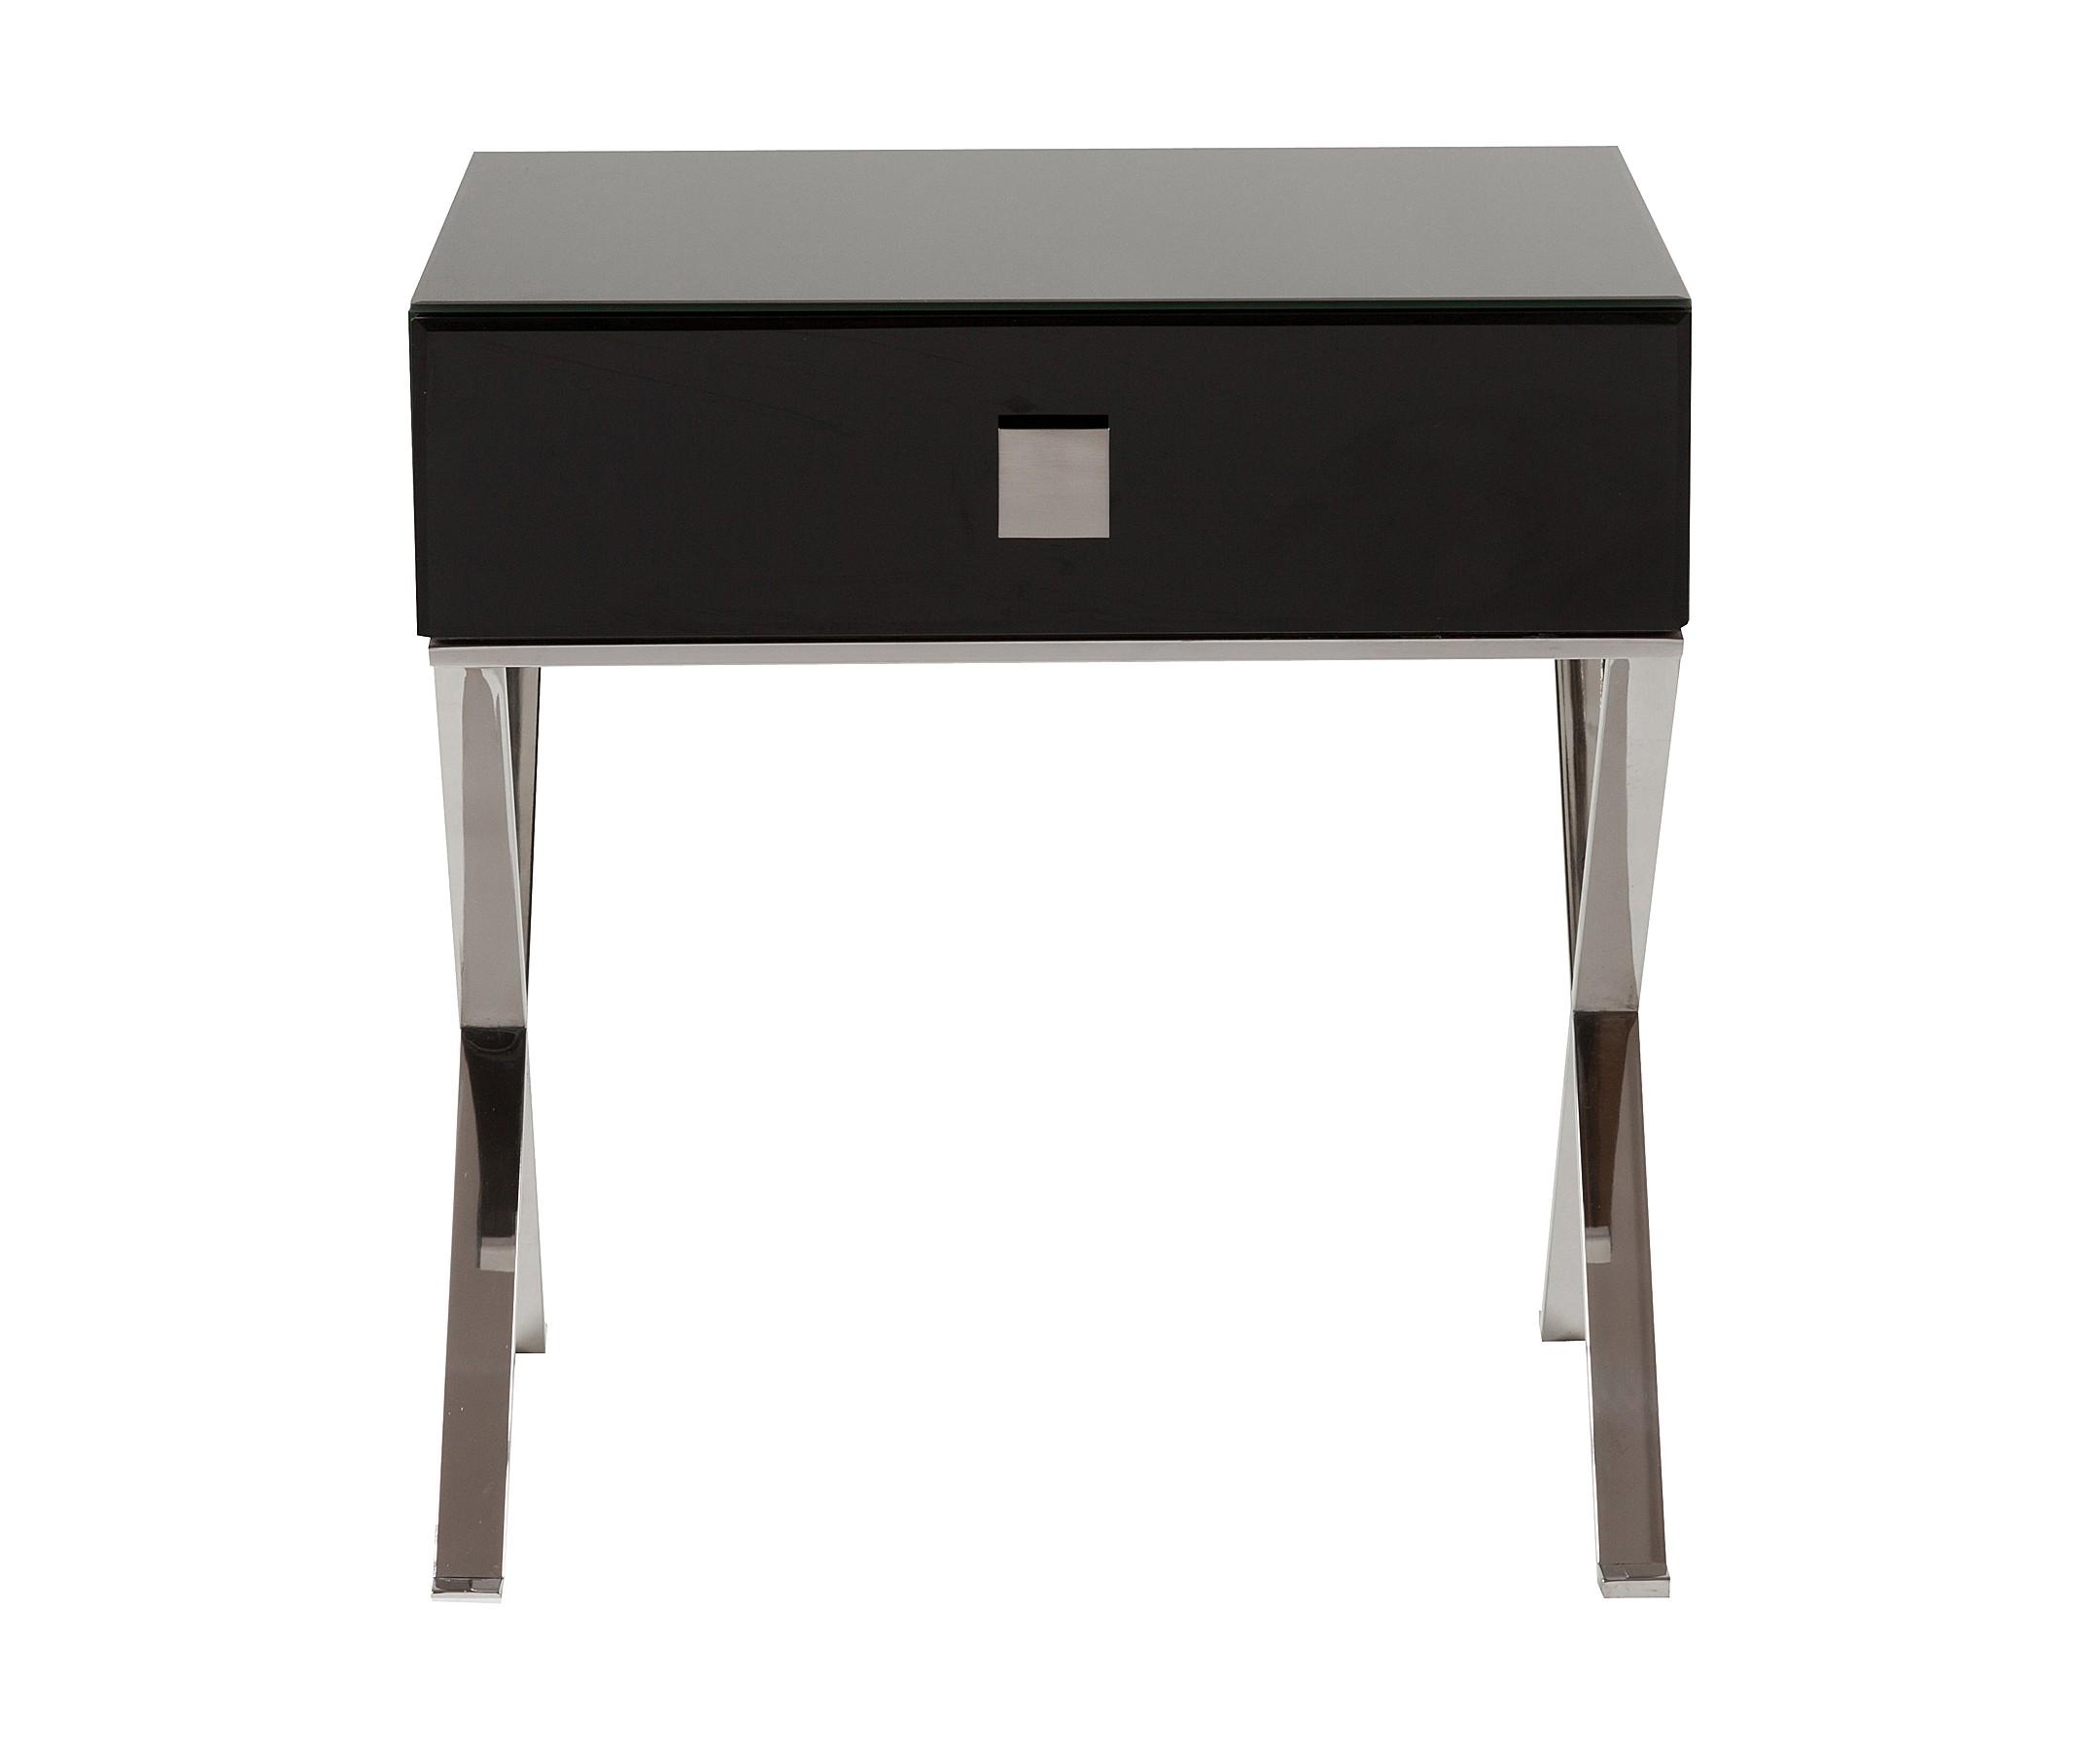 Придиванный столик с ящиком VersalesПриставные столики<br>Придиванный столик Versales выполнен в классическом стиле, имеет прямоугольную форму с выдвижным ящиком, сделан из высококачественного МДФ на металлических хромированных ножках. Органично впишется в любое пространство, обустроенное со вкусом, его внешность подойдет как к классическим интерьерам, так и к более свободным стилям в дизайне. Придиванный столик с ящиком Versales непременно будет радовать глаз, а широкая поверхность и выдвижной ящик позаботятся обо всем, что хочется держать под рукой. Можно поставить чашечку кофе и положить пульт телевизора. Увлекательная книга, личный дневник и другие любимые мелочи тоже теперь всегда будут под рукой. Купите придиванный столик с ящиком Versales — красота должна доставлять не только эстетическое удовольствие, но и приносить практическую пользу.&amp;lt;div&amp;gt;&amp;lt;br&amp;gt;&amp;lt;/div&amp;gt;&amp;lt;div&amp;gt;Материал ножек: металл.&amp;lt;/div&amp;gt;<br><br>Material: МДФ<br>Ширина см: 52<br>Высота см: 56<br>Глубина см: 42